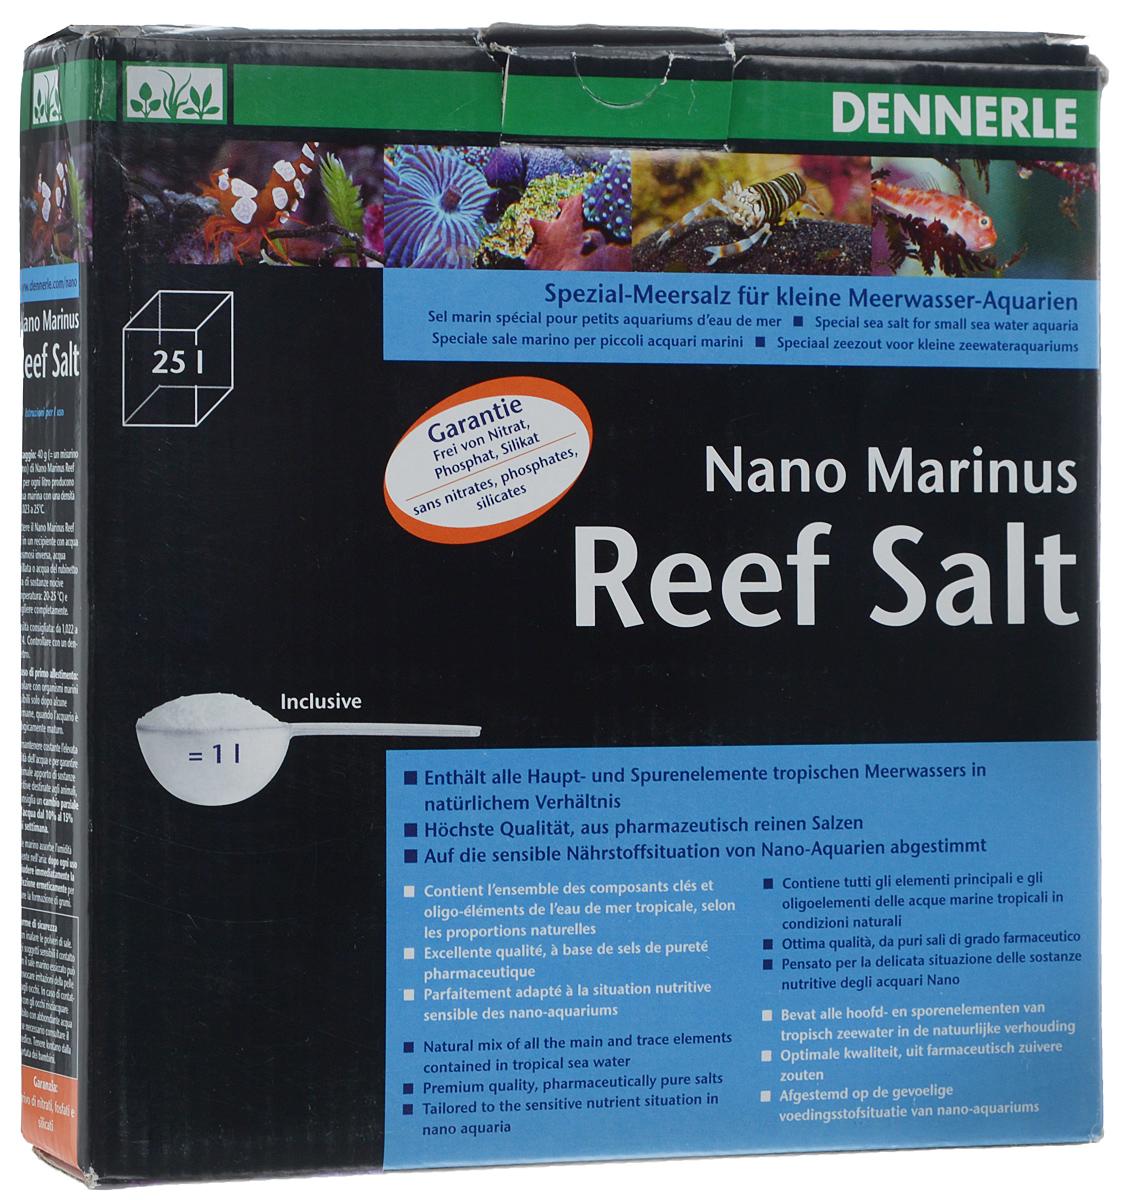 Морская соль Dennerle Nano Marinus ReefSalt, 1 кгDEN5625Морская соль Dennerle Nano Marinus ReefSalt содержит все основные микроэлементы тропической морской воды в естественном соотношении. Dennerle Nano Marinus ReefSalt - идеальная основа жизни для коралловых раб, твердых и мягких кораллов, креветок, а также всех прочих обитателей коралловых рифов. Соль составлена с учетом повышенной чувствительности нано-аквариумов к питательным веществам.Не содержит нитратов, фосфатов, силикатов.В комплекте идет мерная ложечка.